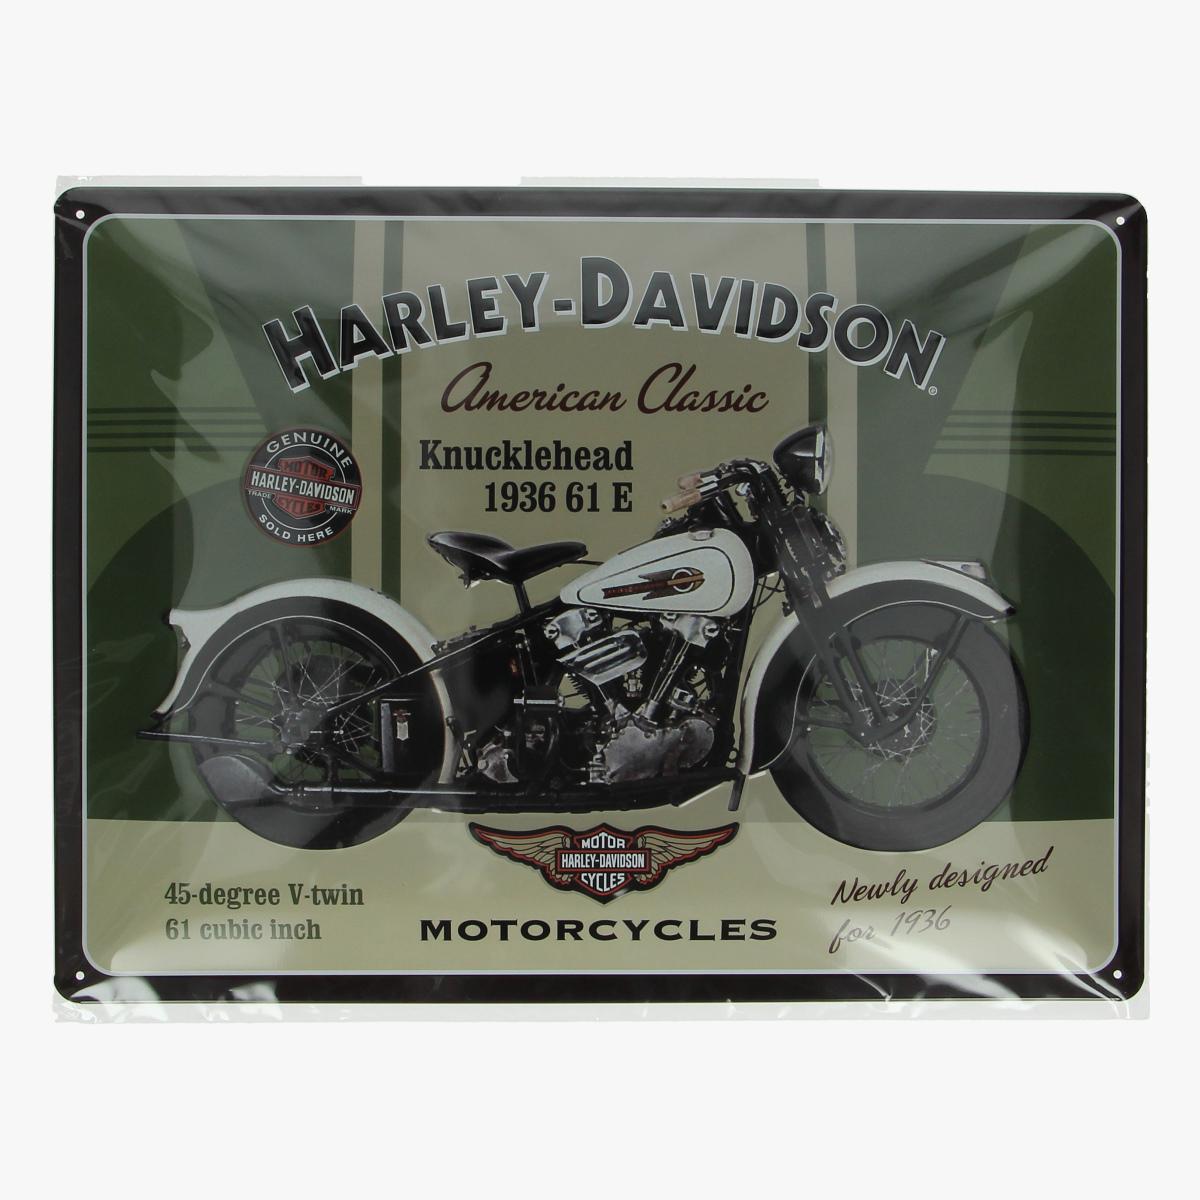 Afbeeldingen van blikken bordje Harley-Davidson repro geseald